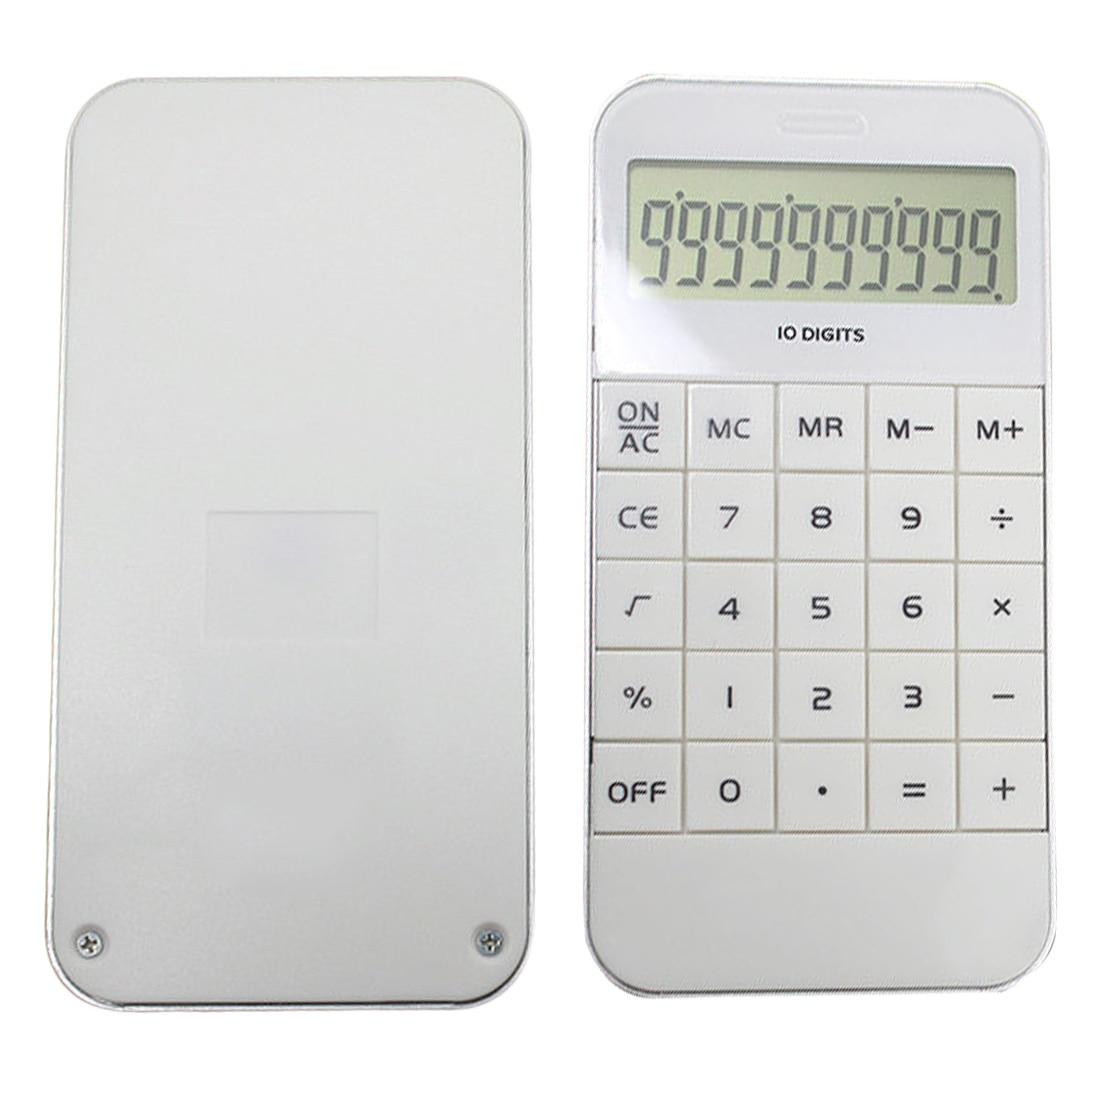 Calculadora Etmakit para oficina y hogar, calculadora para trabajadores de oficina, calculadora portátil para la escuela, calculadora electrónica de bolsillo, buena venta